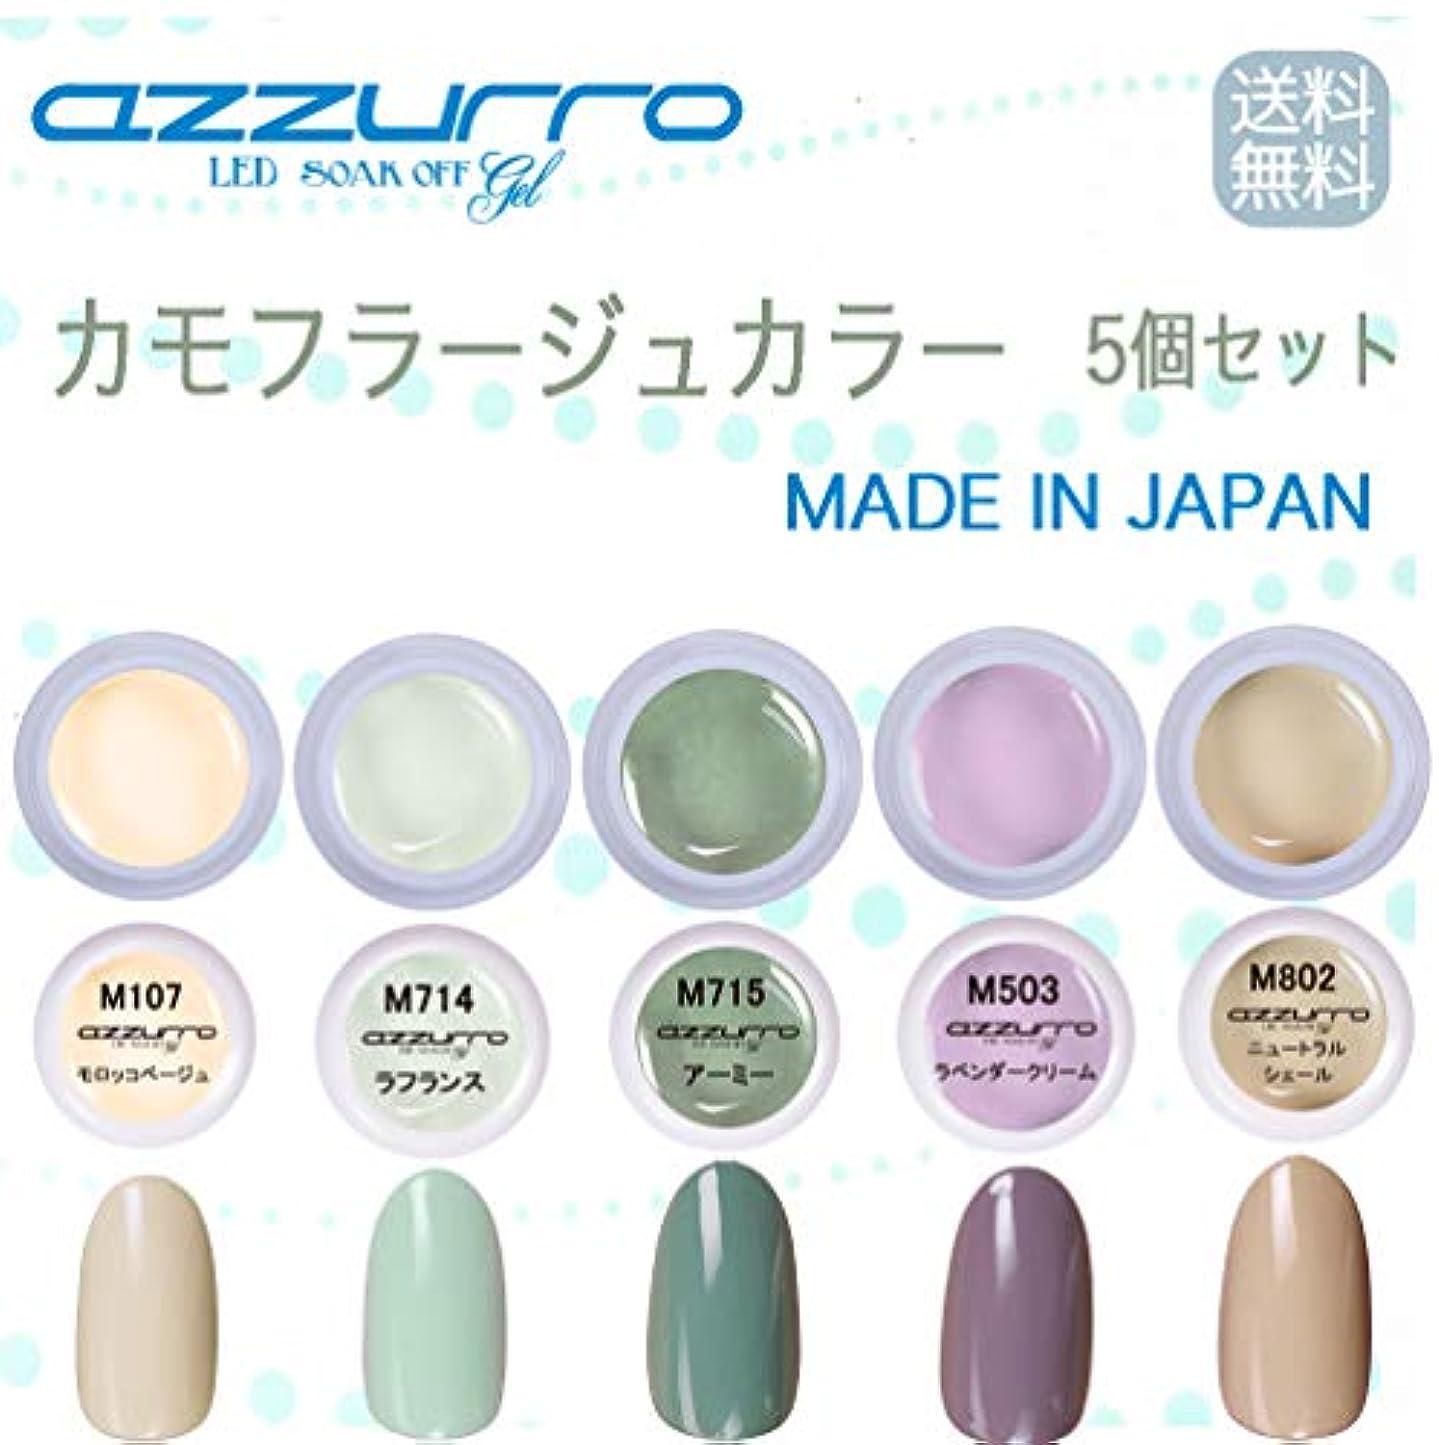 の量海洋店主【送料無料】日本製 azzurro gel カモフラージュカラージェル5個セット 春にピッタリでクールなトレンドカラーのカモフラージュカラー